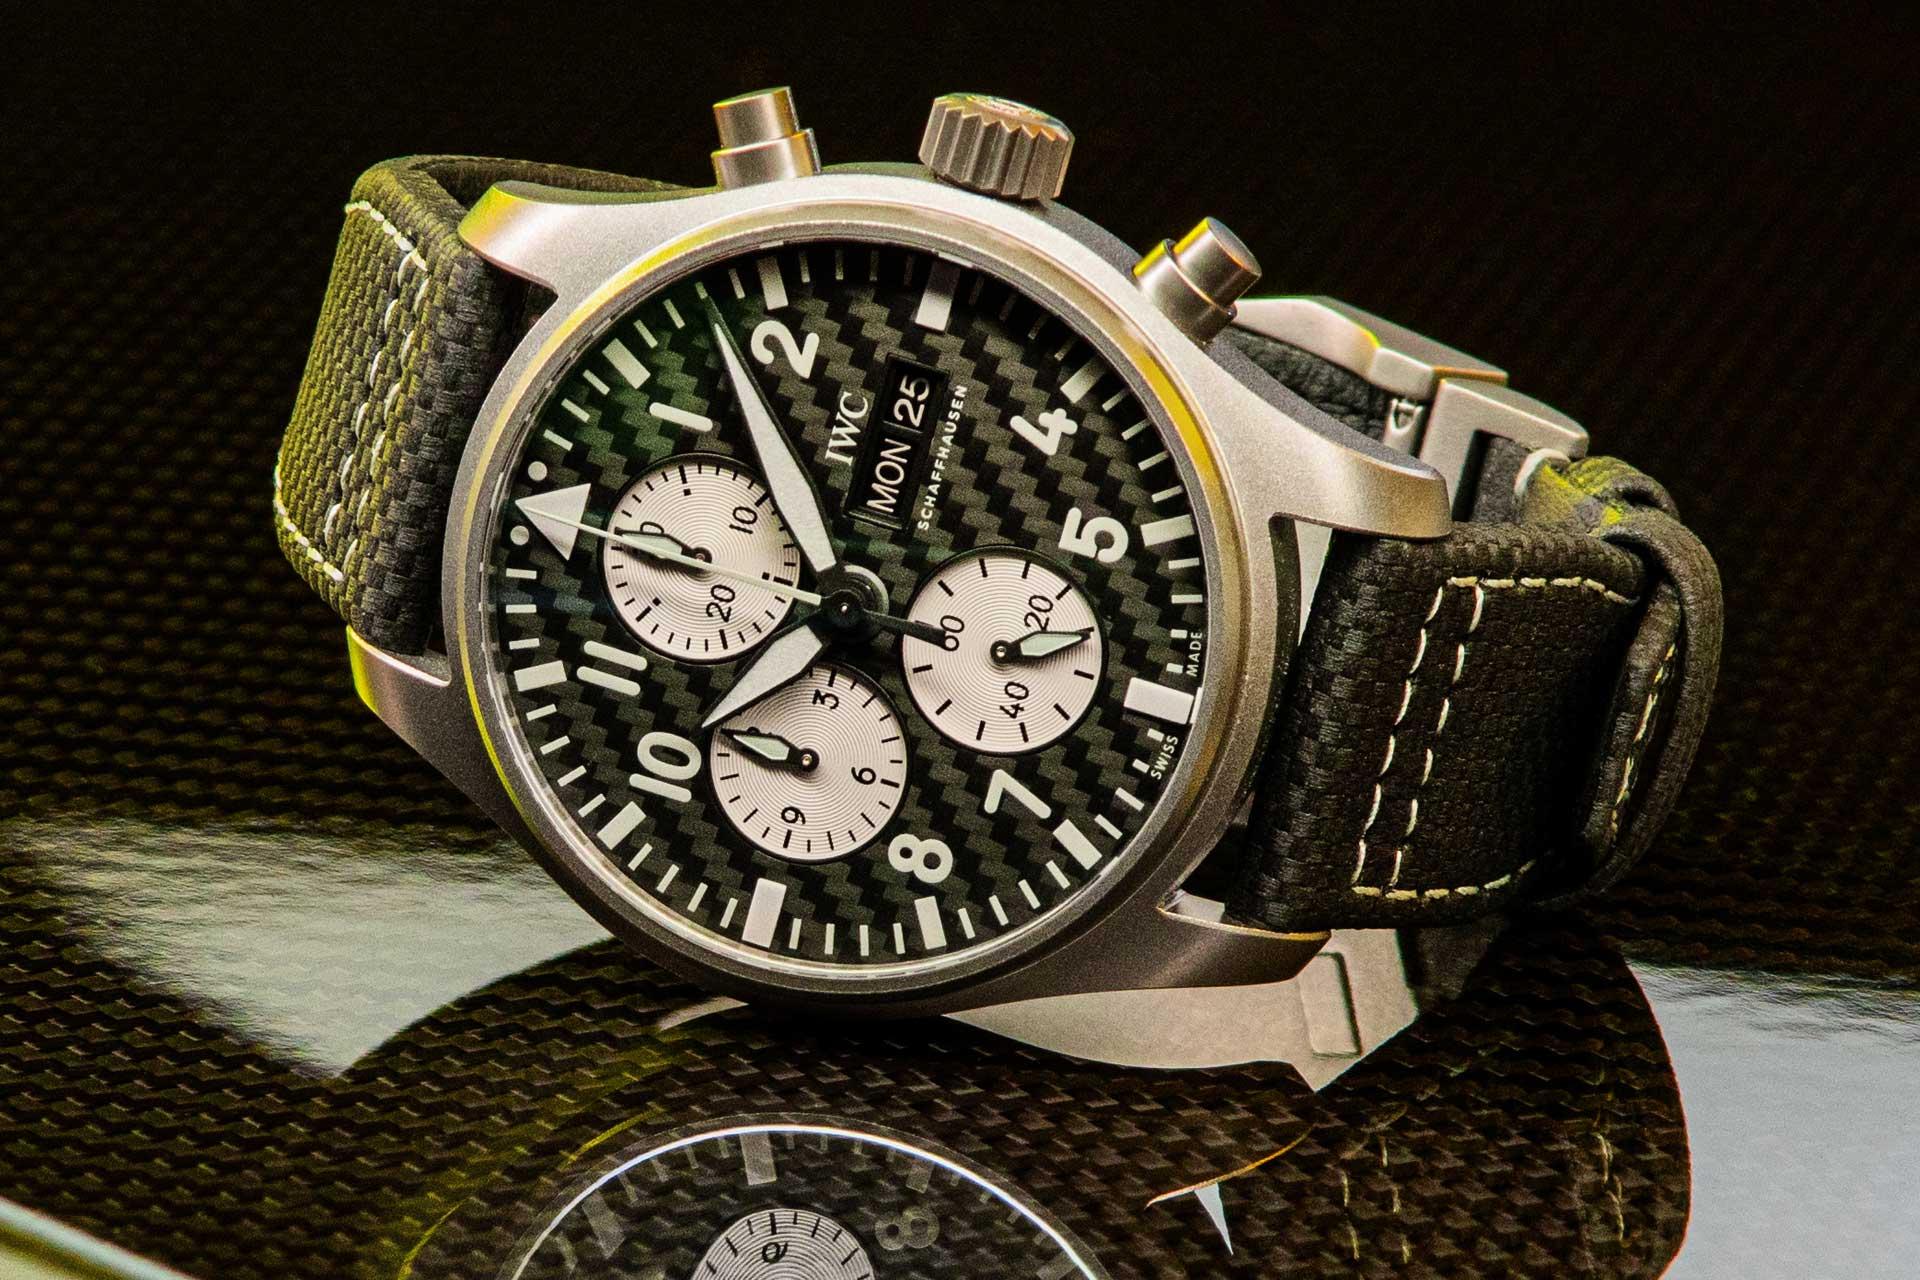 【2021線上錶展】融入AMG賽車元素:IWC飛行員系列計時碼錶AMG特別版